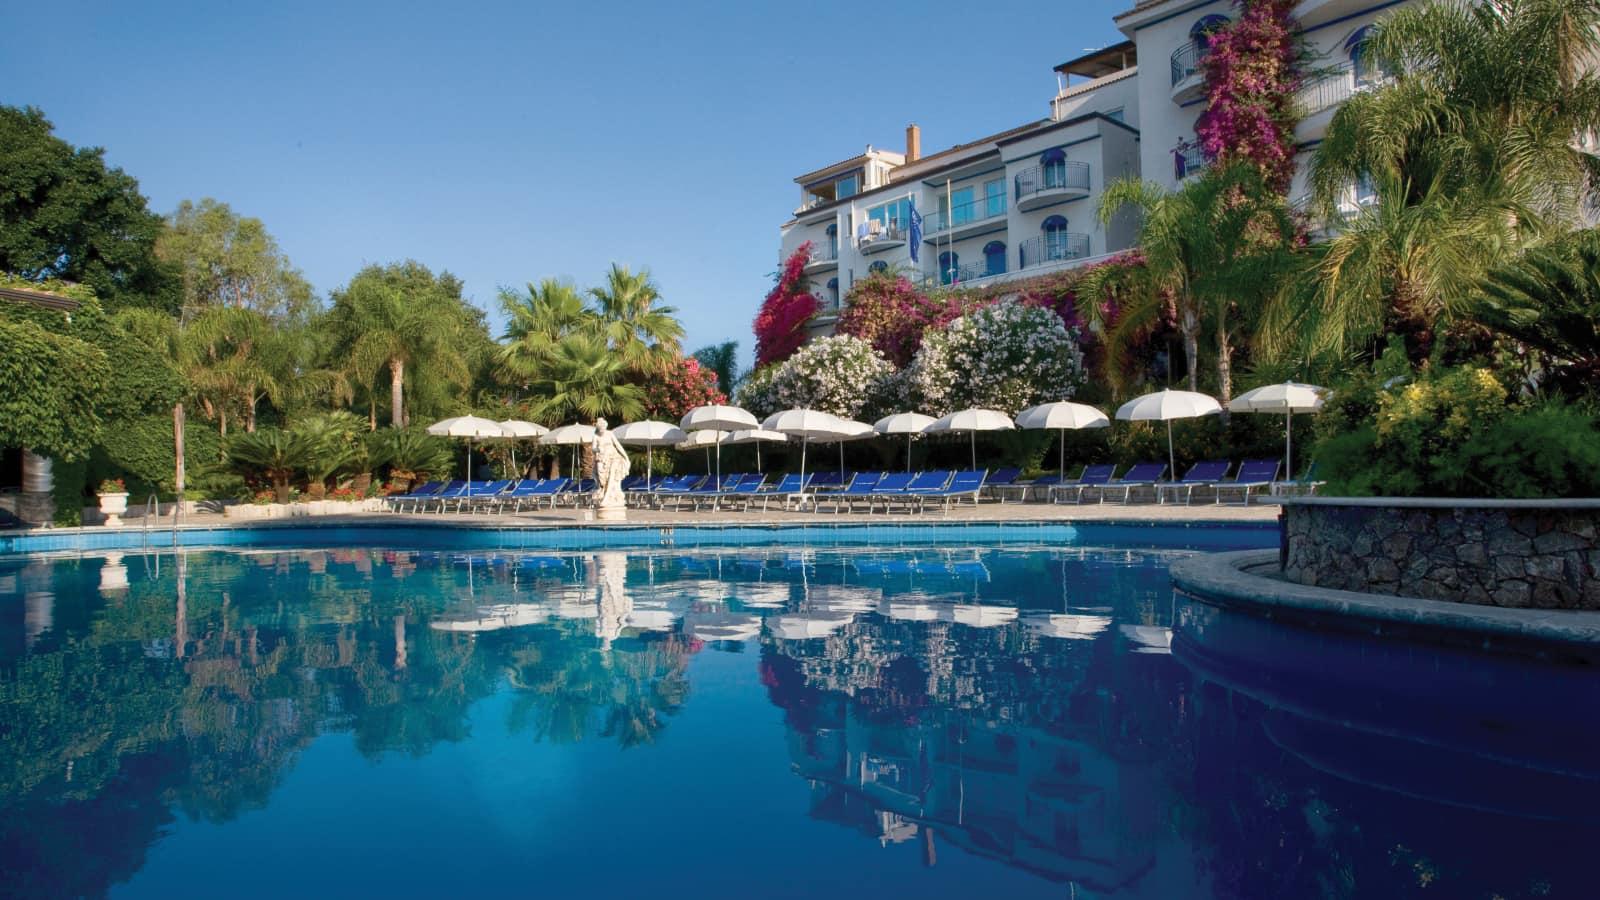 Sant alphio garden hotel spa giardini naxos sicily - Hotel giardini naxos 3 stelle ...